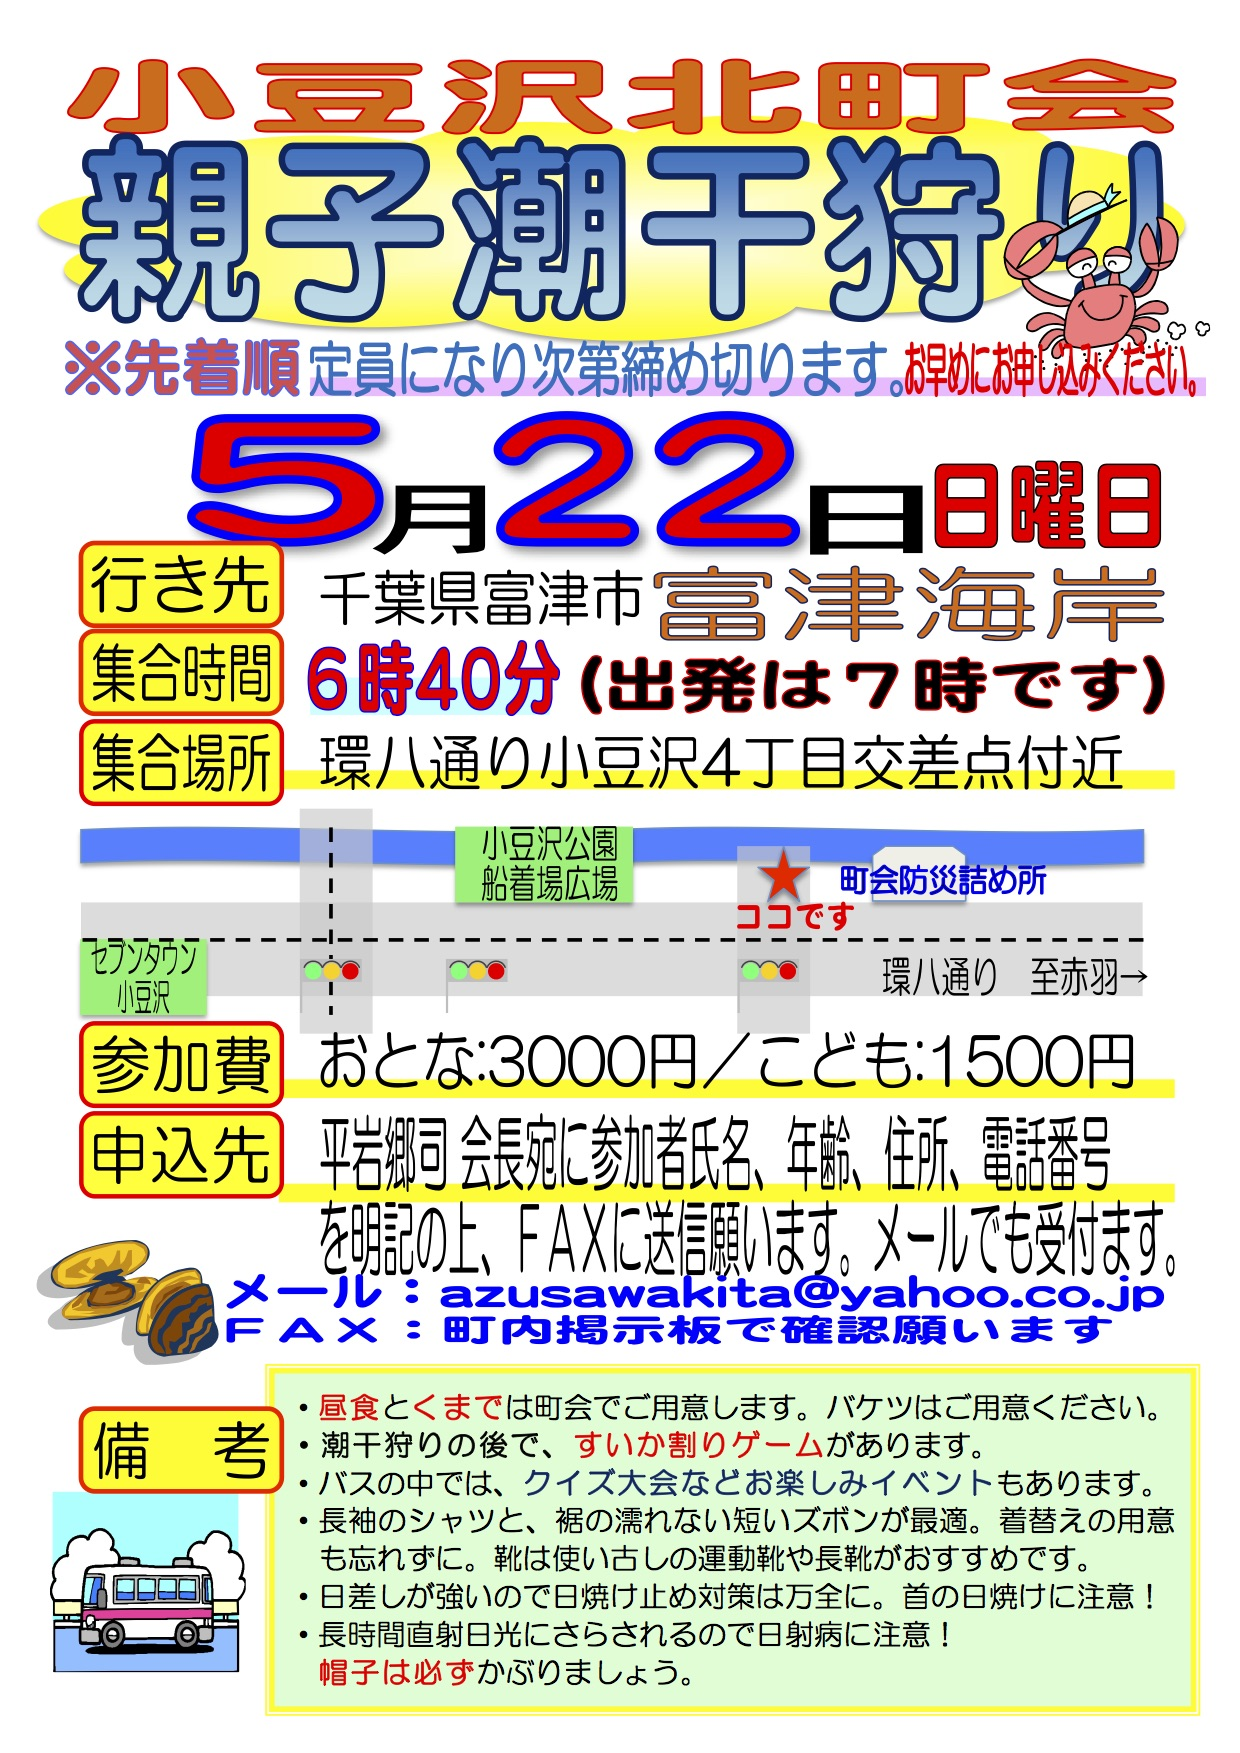 2016年5月22日潮干狩りポスター